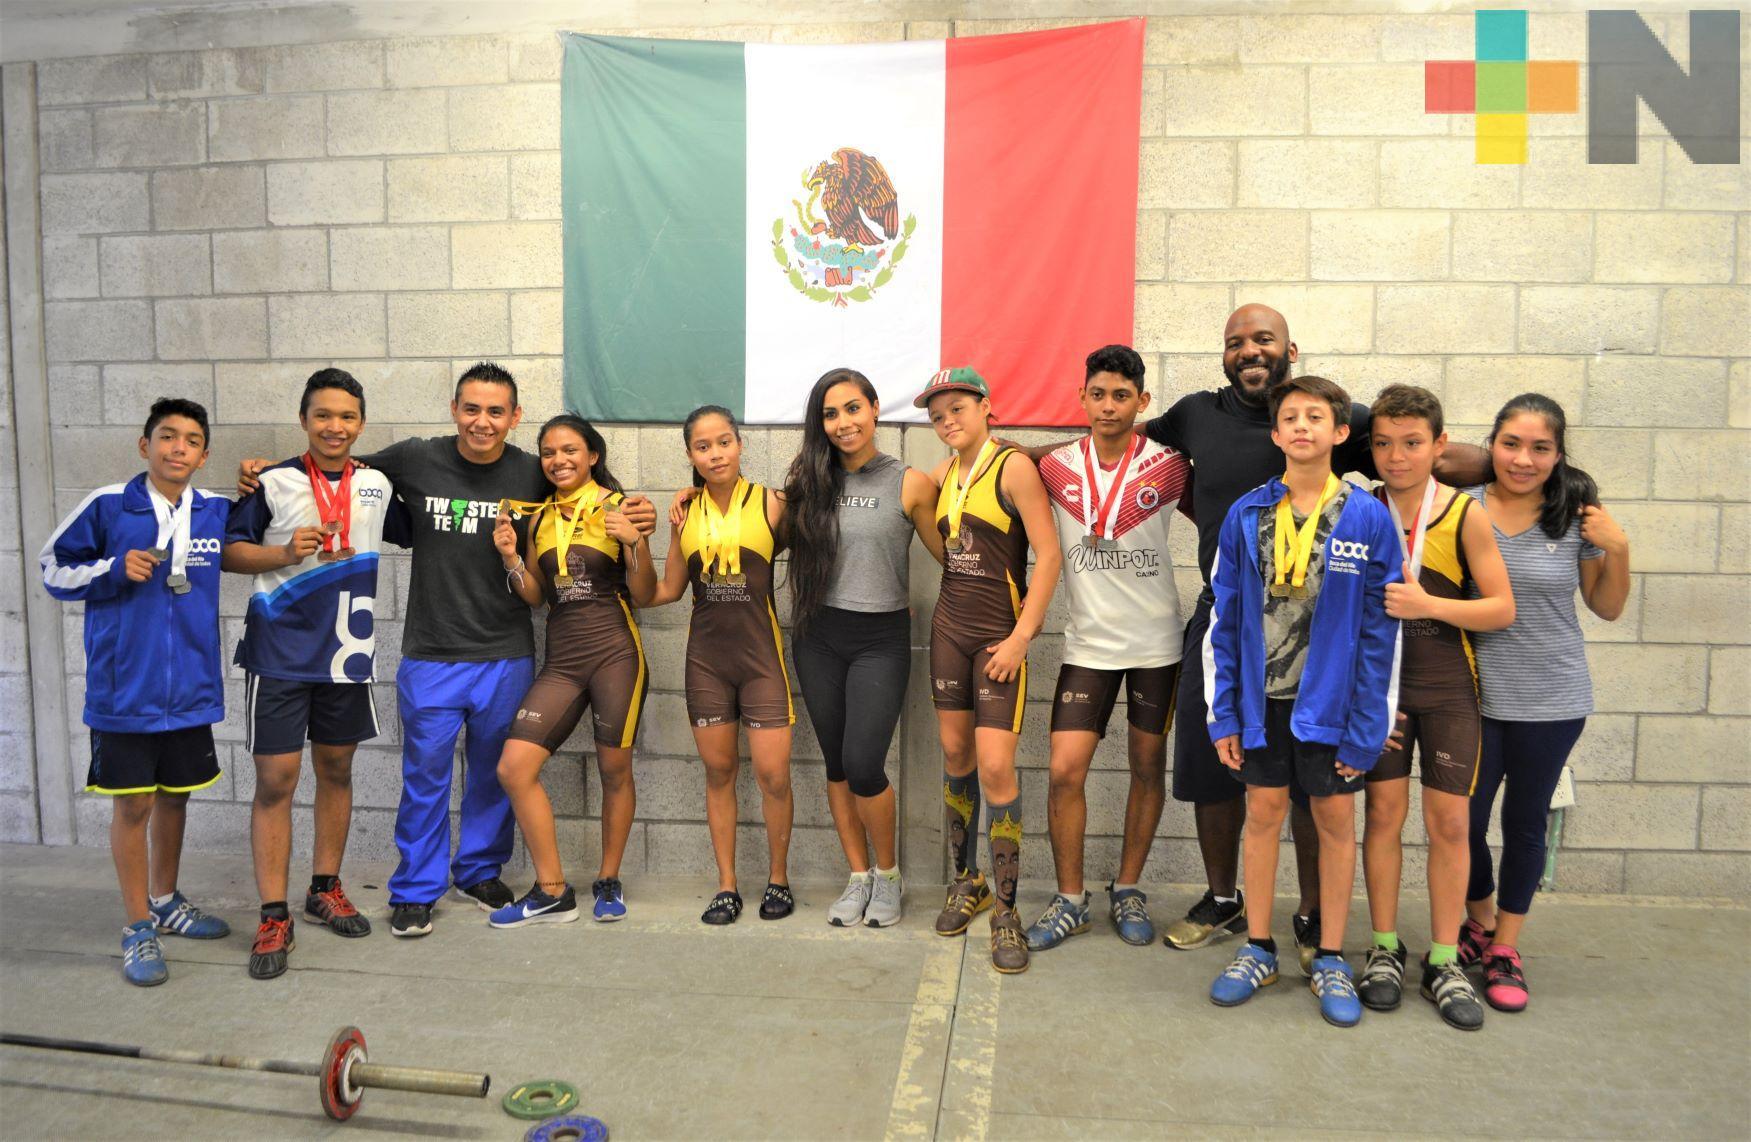 Pesistas de la Arena Veracruz ganaron nueve oros en Nacional Infantil